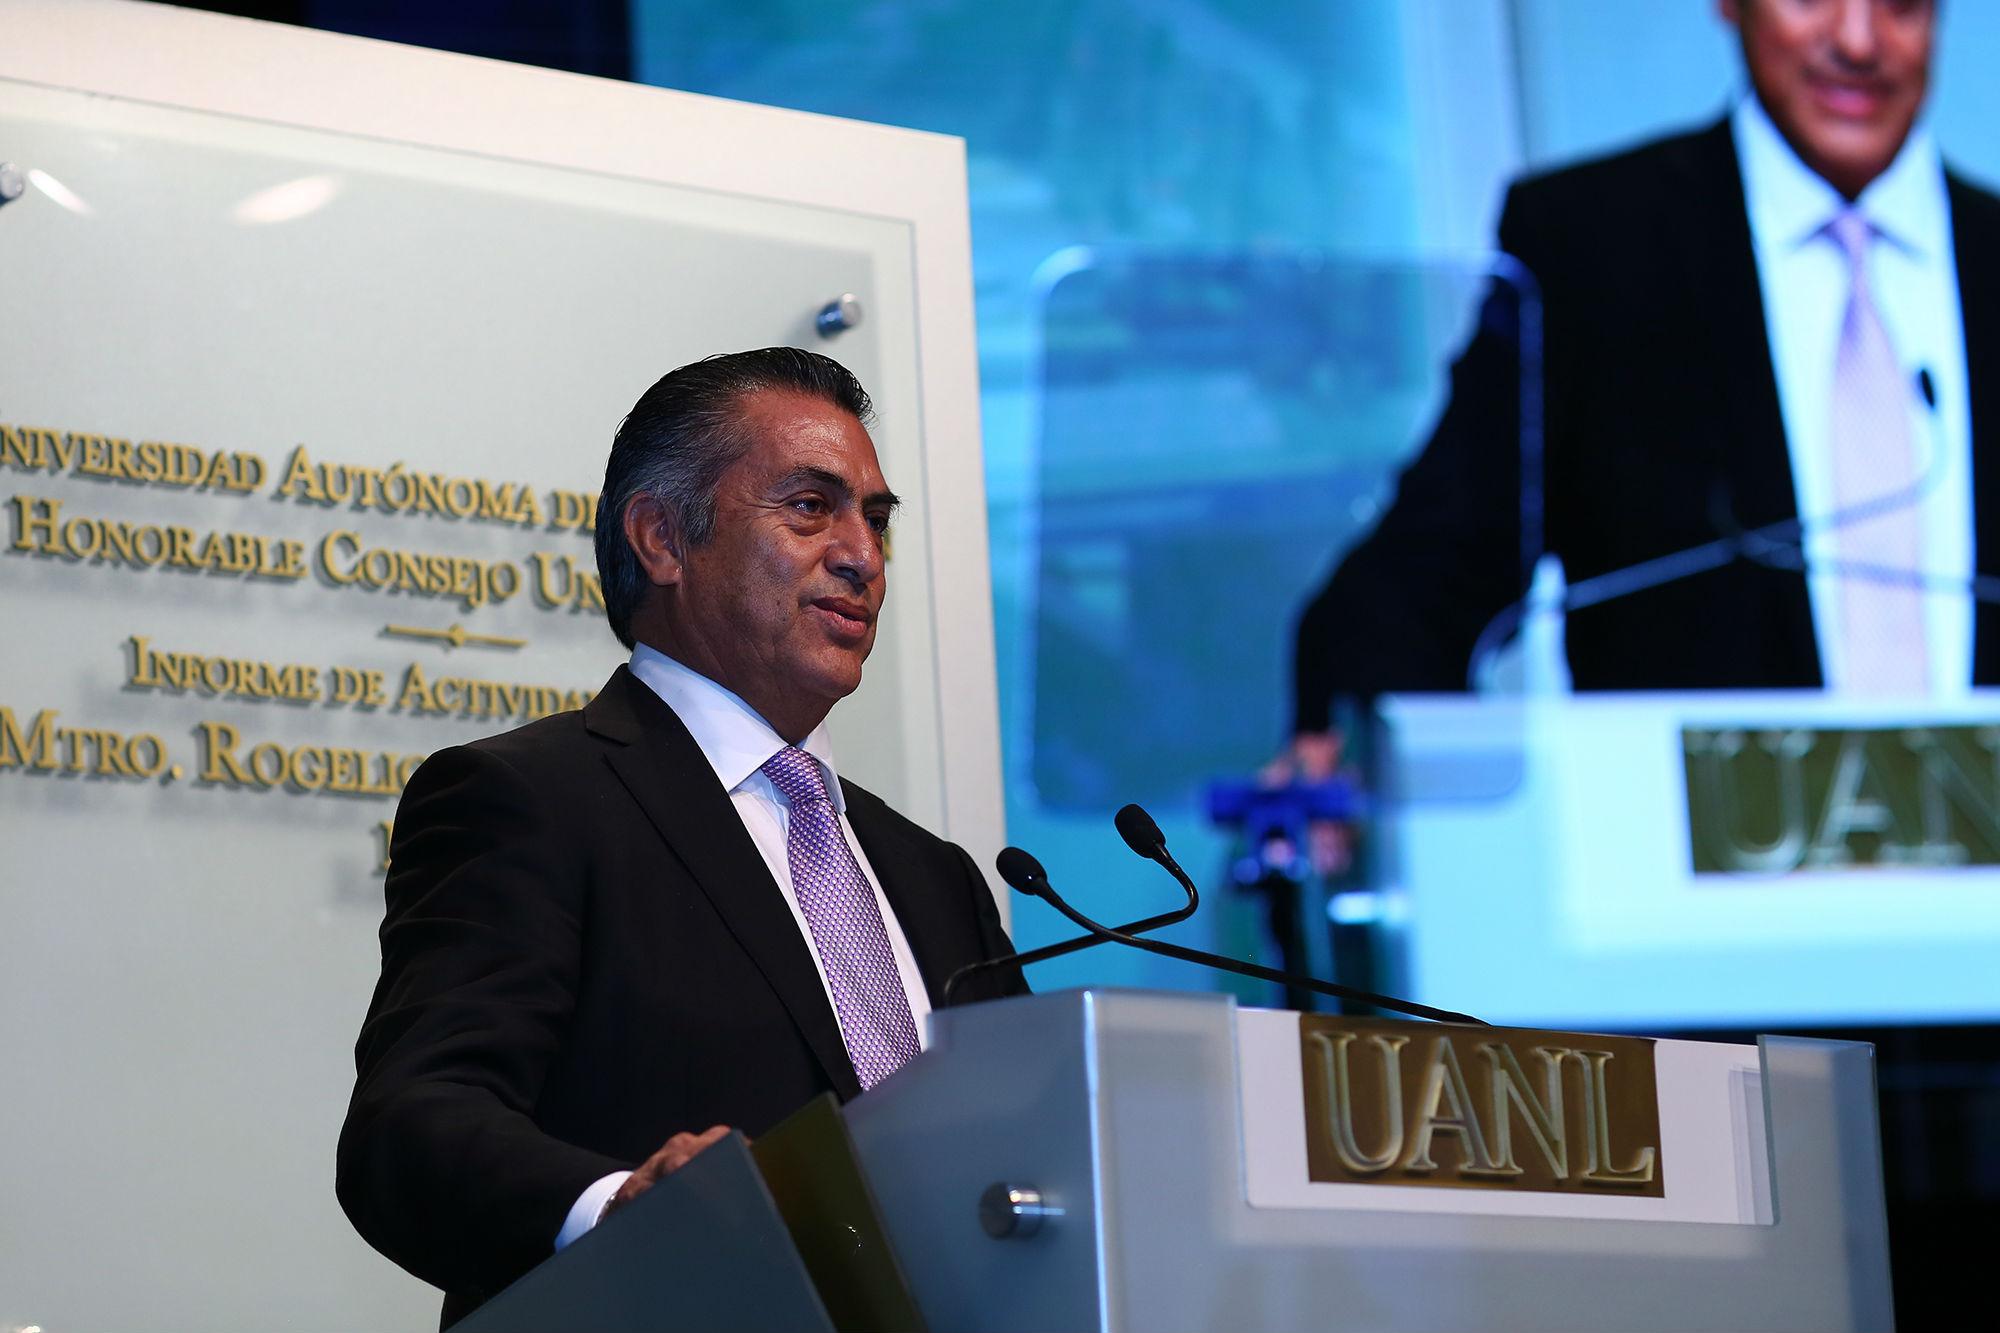 Jaime Rodríguez Calderón, Gobernador de Nuevo León